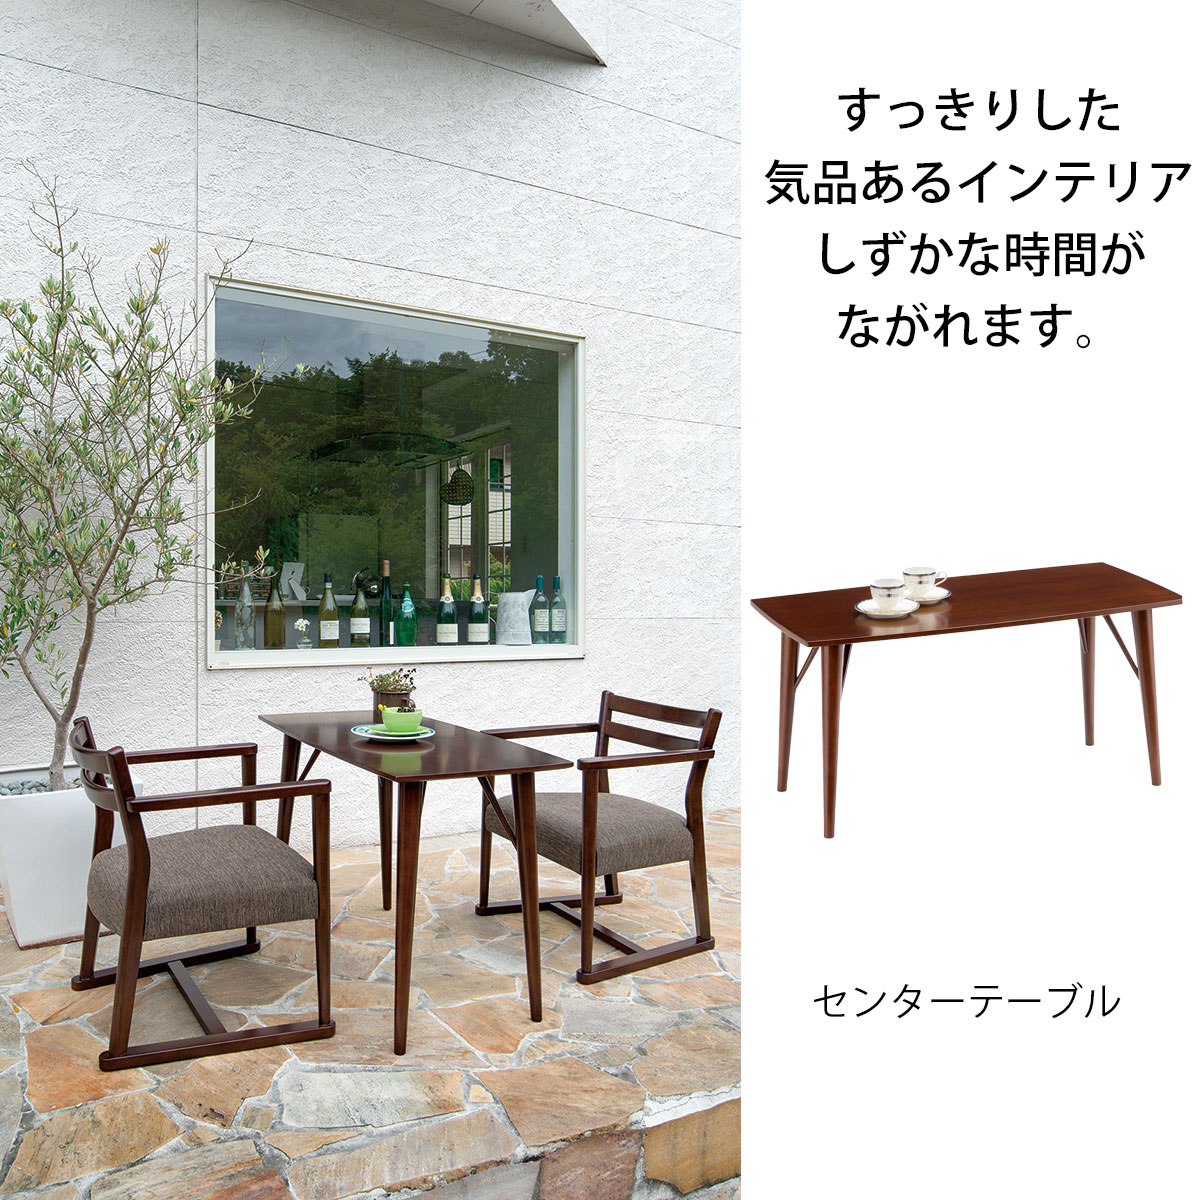 曙工芸製作所 エスコートシリーズ センターテーブル DO ESCORT-6212 幅90×奥行48×高さ60cm